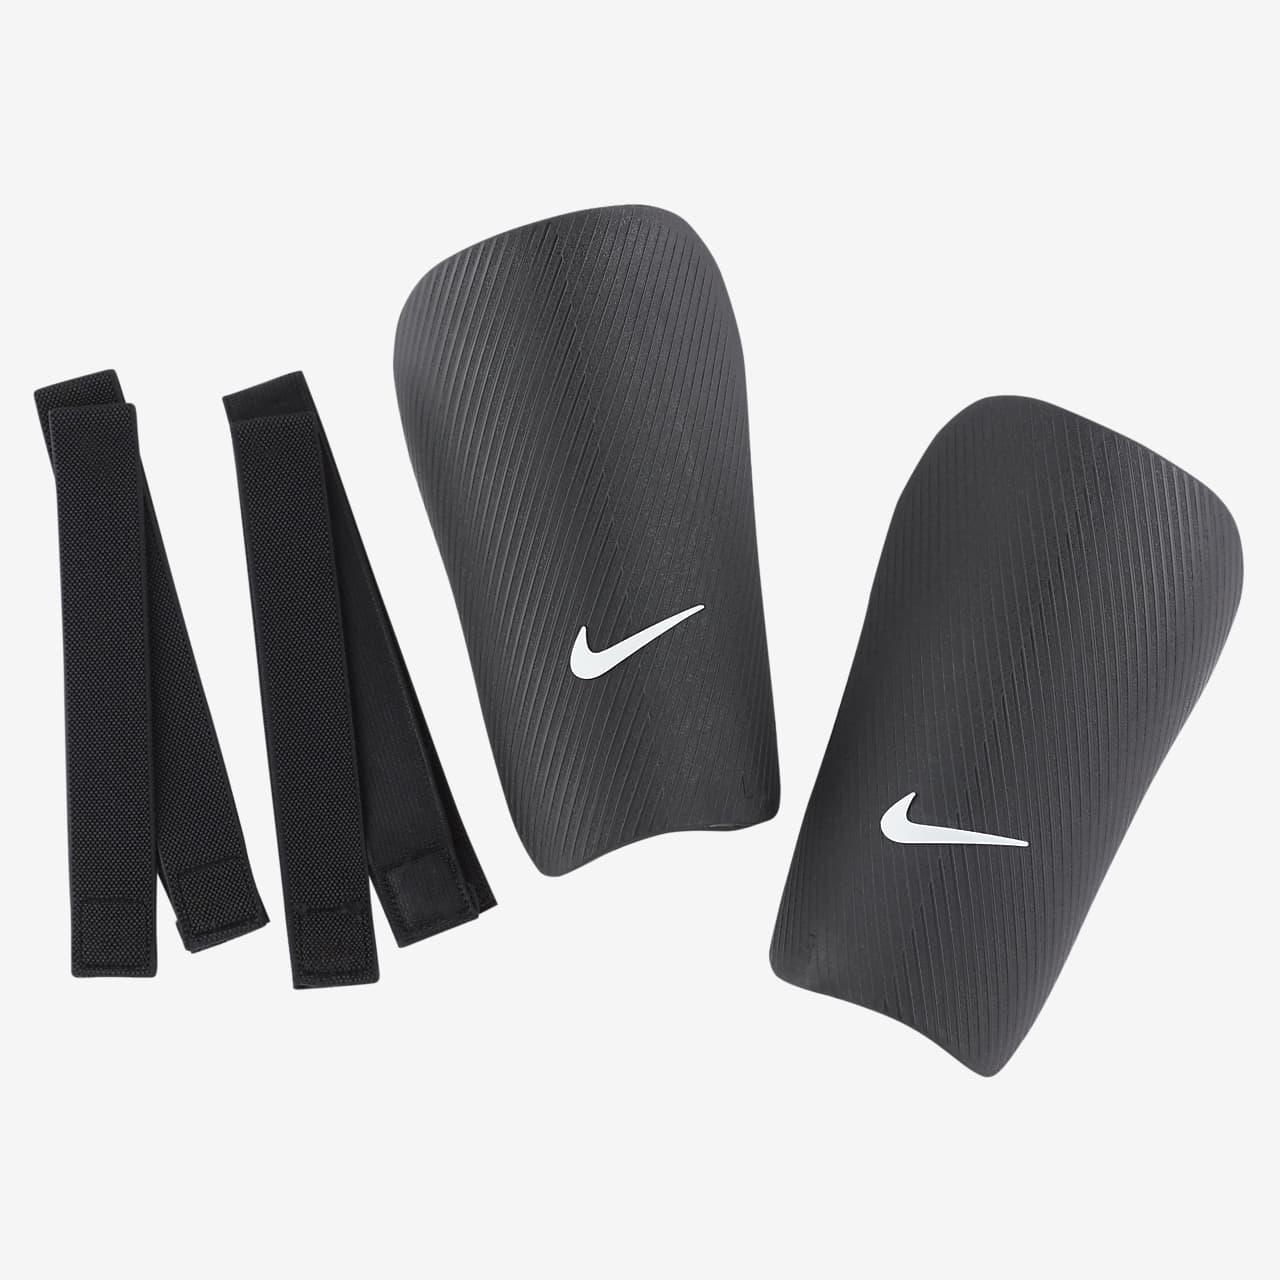 Nike J CE Fußball-Schienbeinschoner